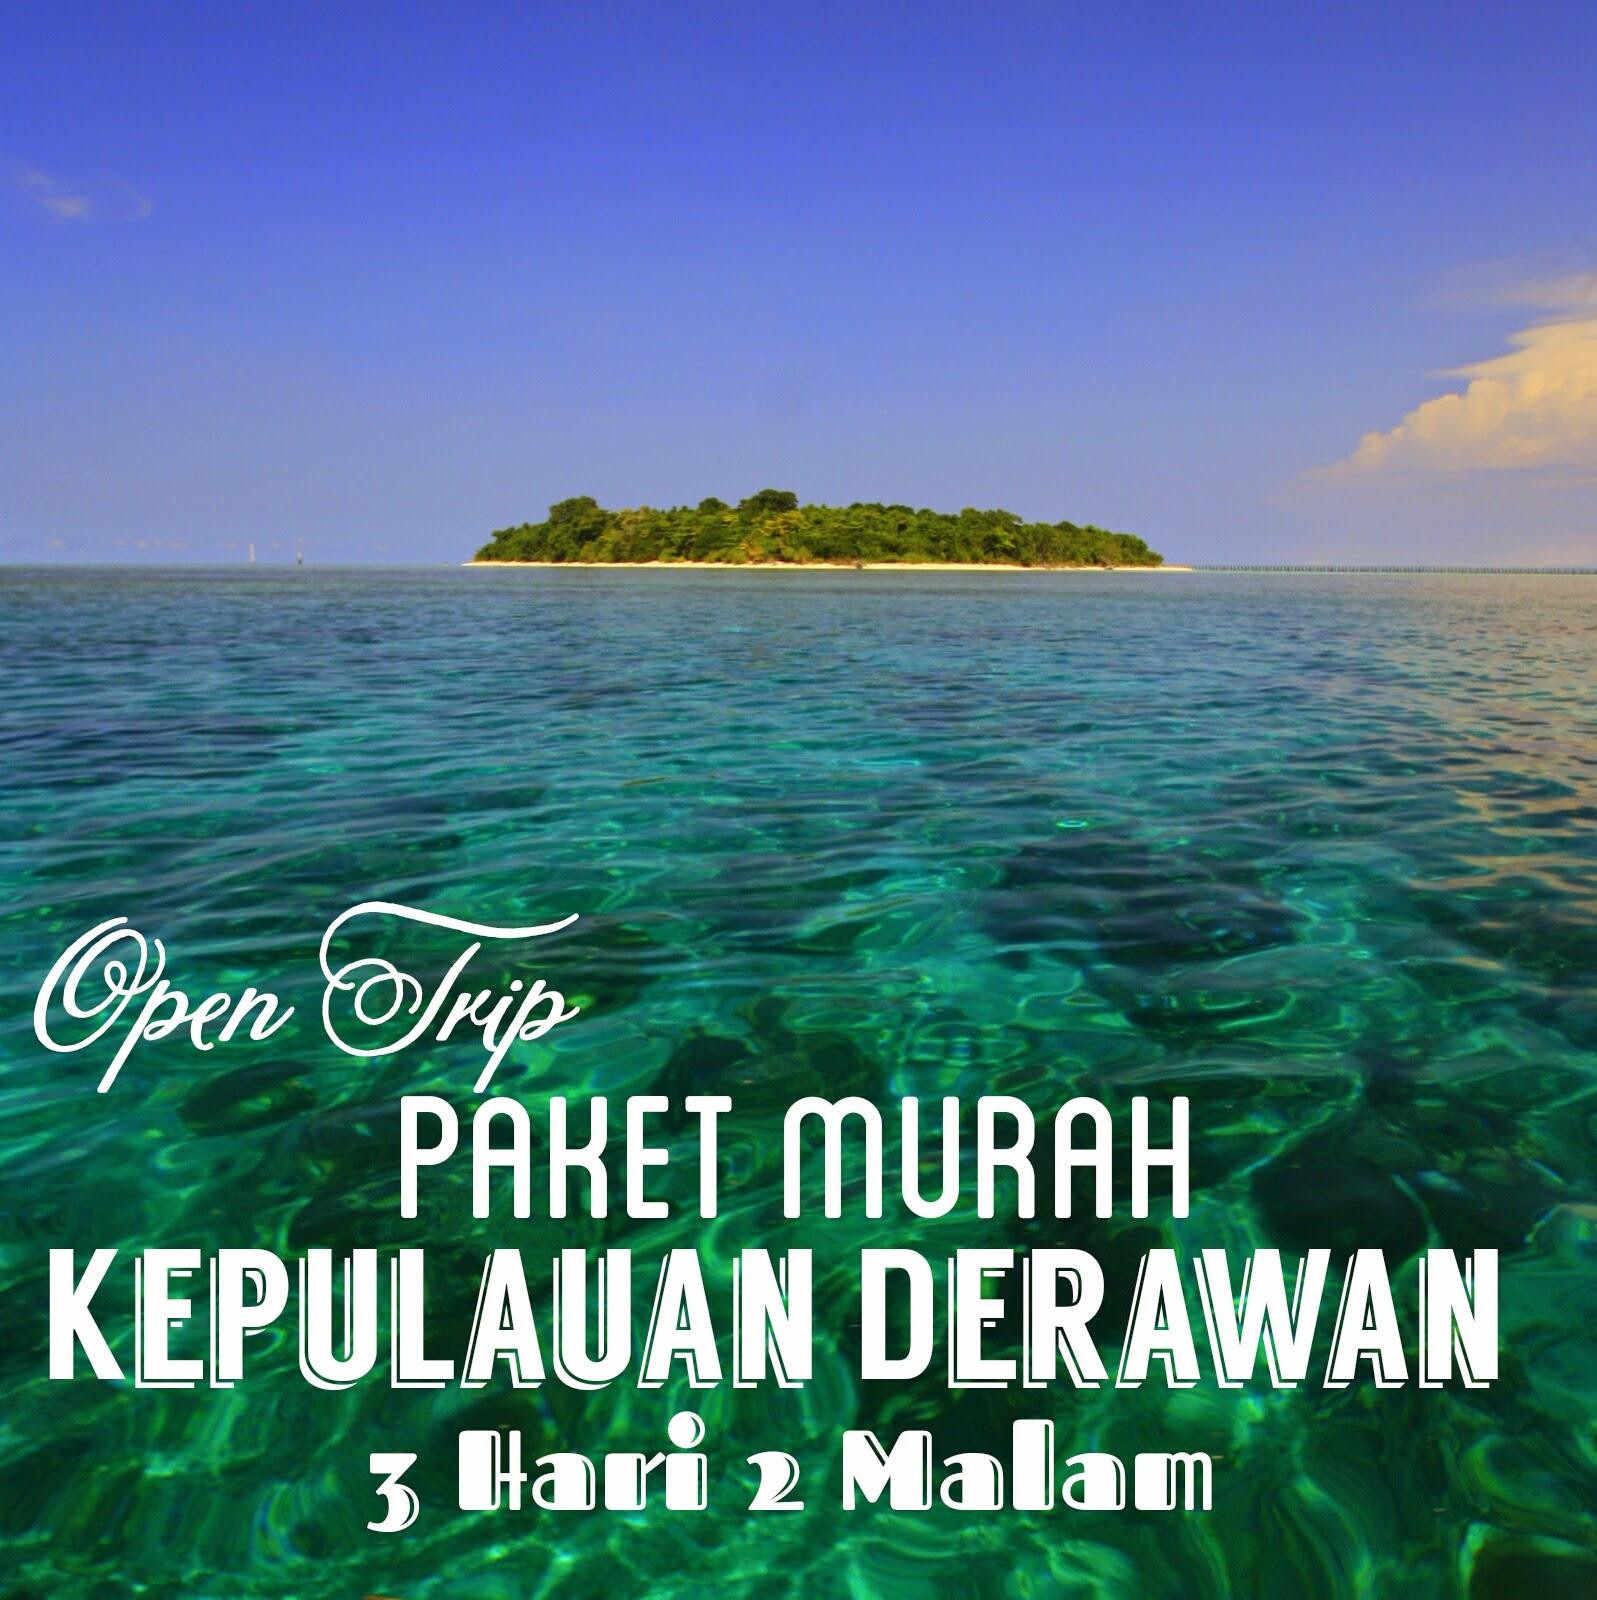 open trip paket tour pulau derawan 3h2m